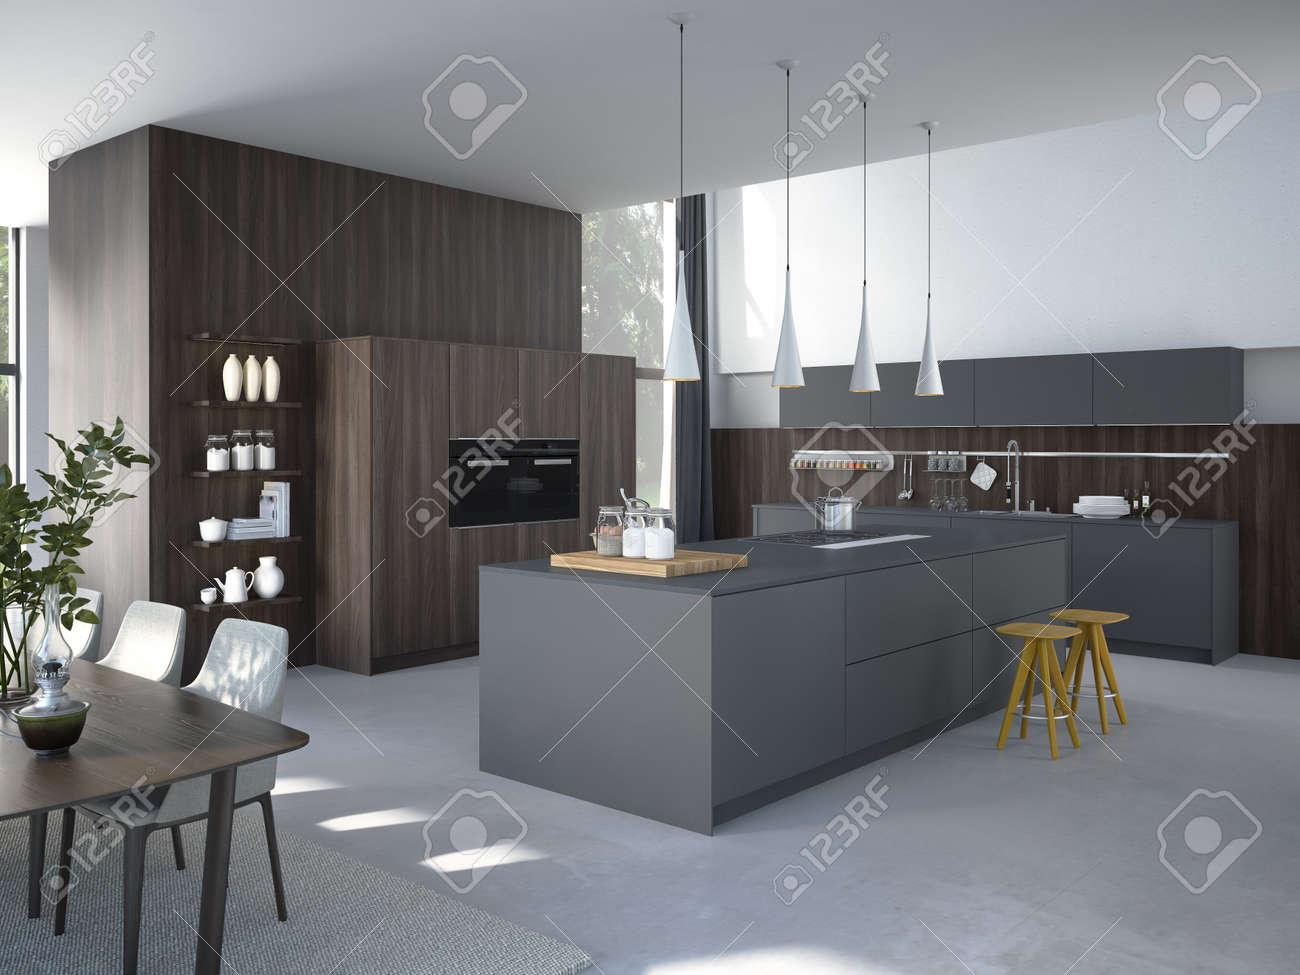 AuBergewohnlich Modern, Hell, Sauber, Küche Unter Mit Edelstahlgeräten In Einem Luxus Haus.